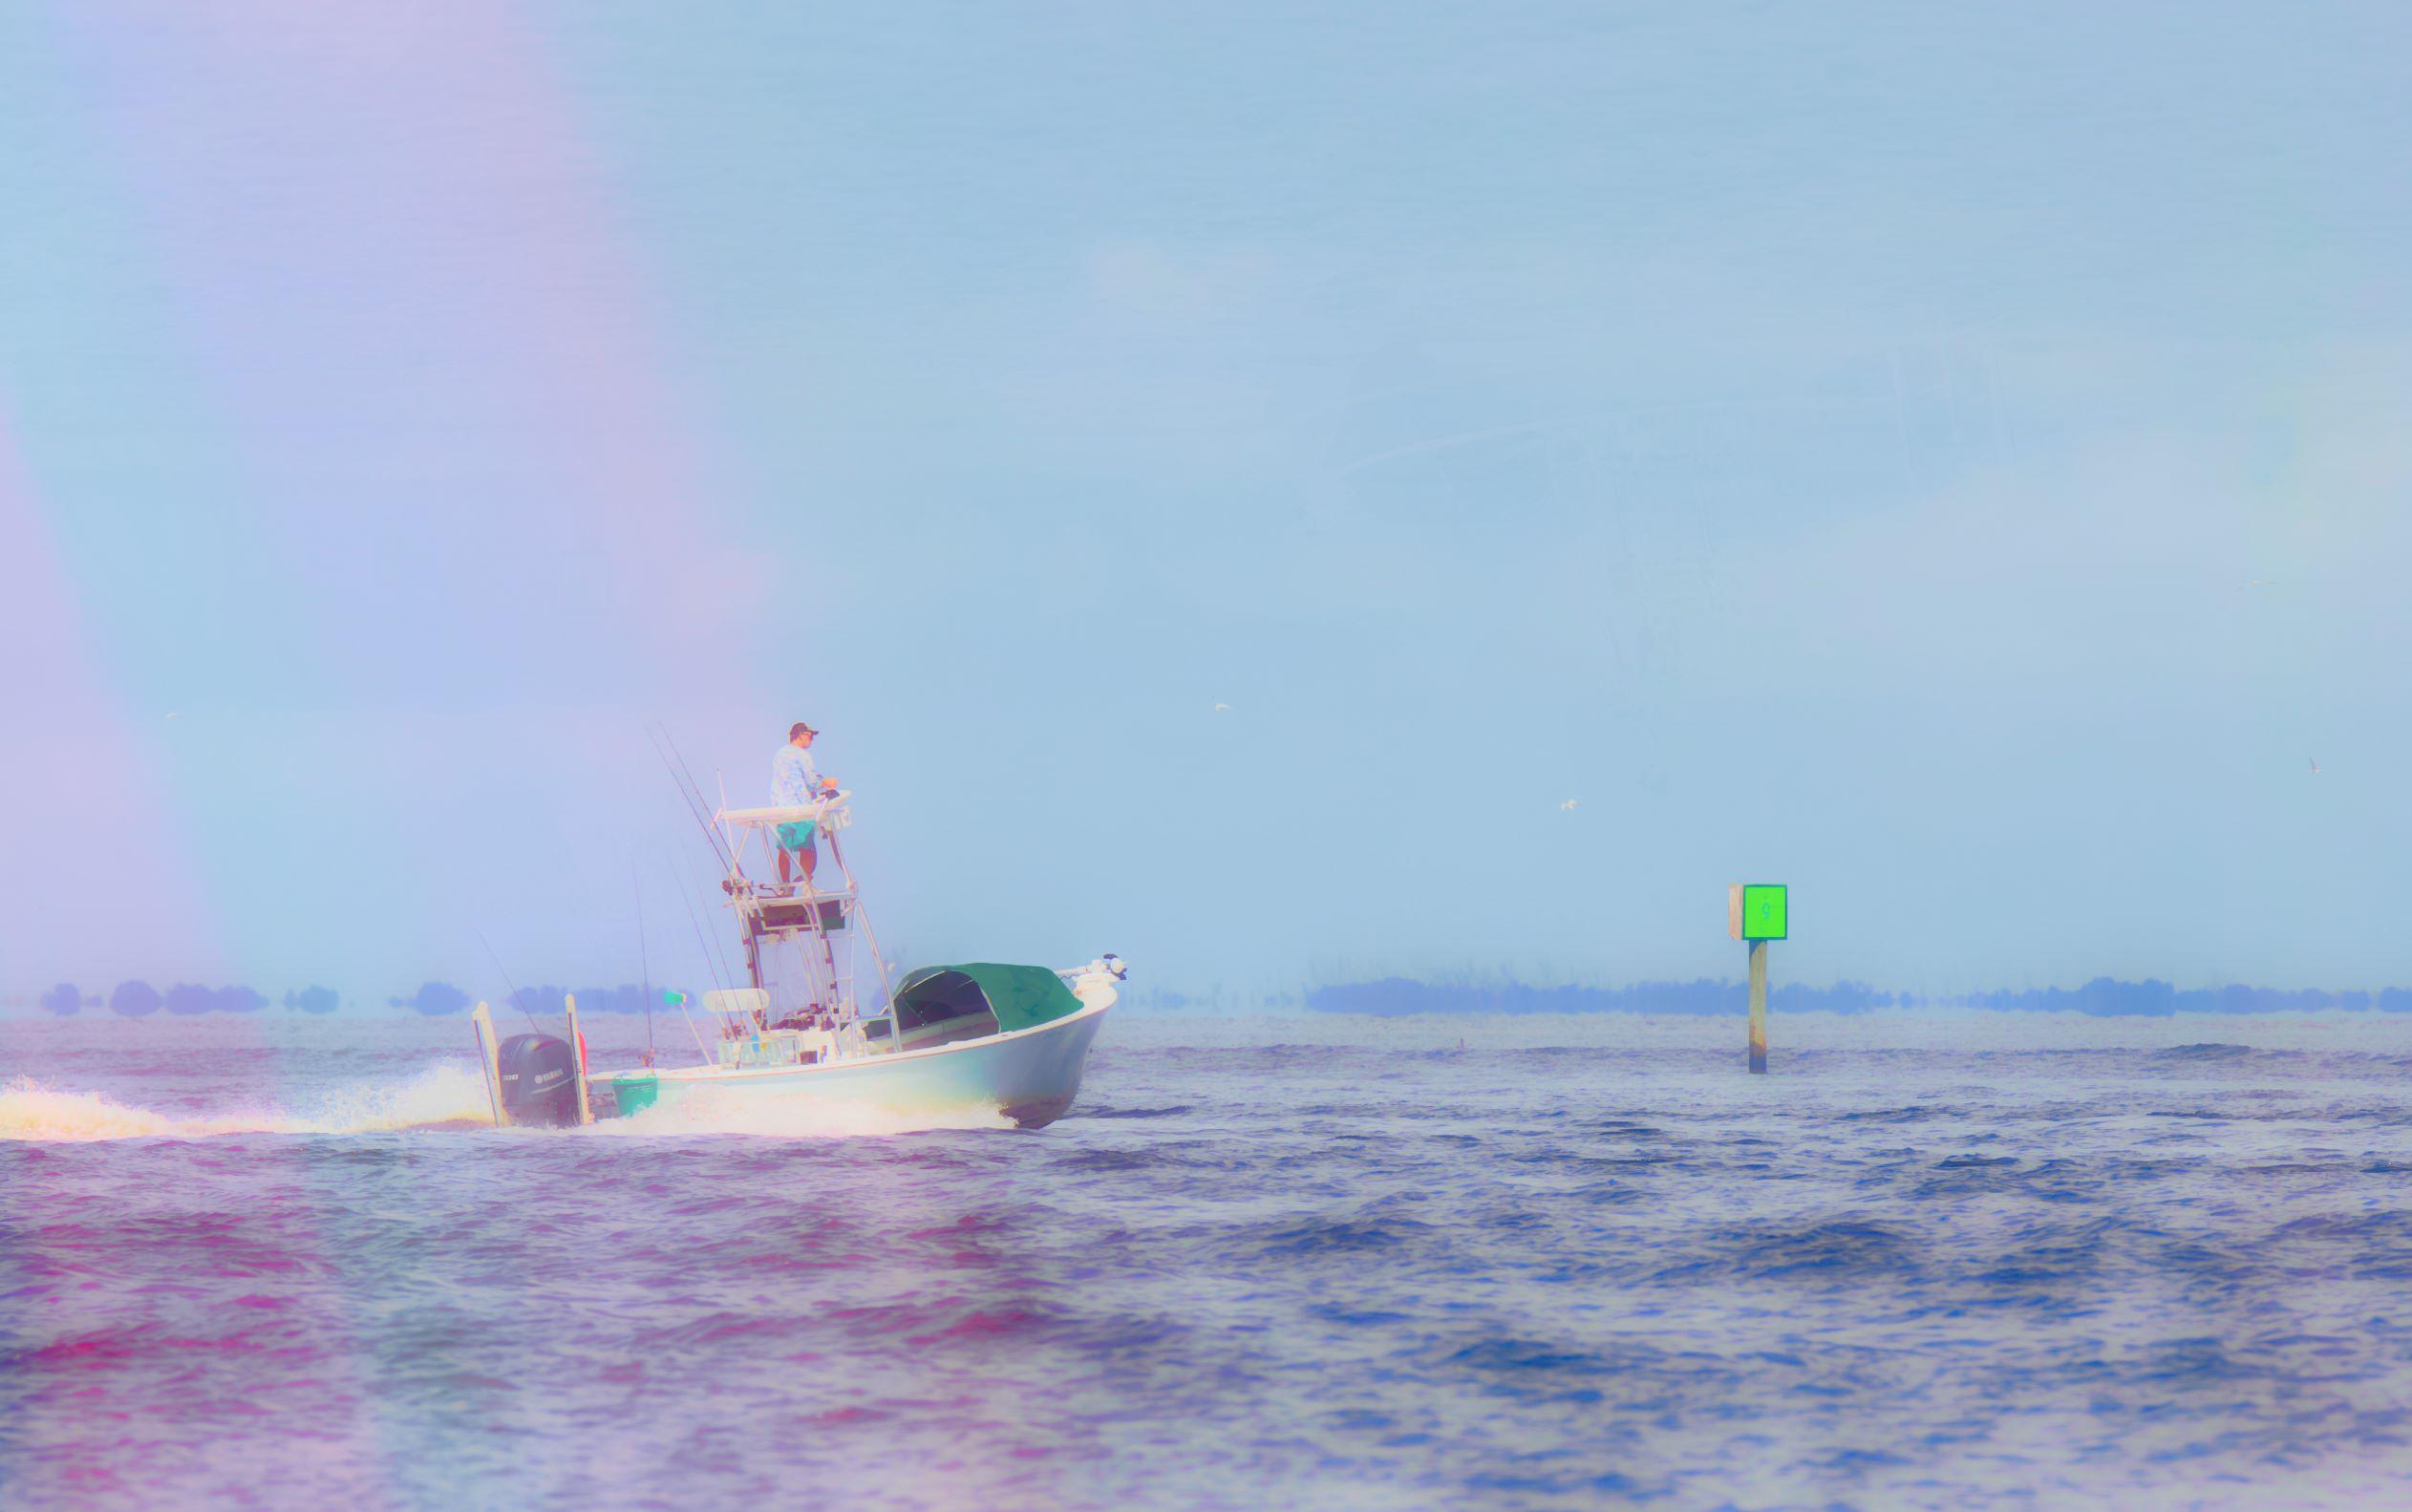 026 Fantasy boater (2) f 50p-studio.jpg